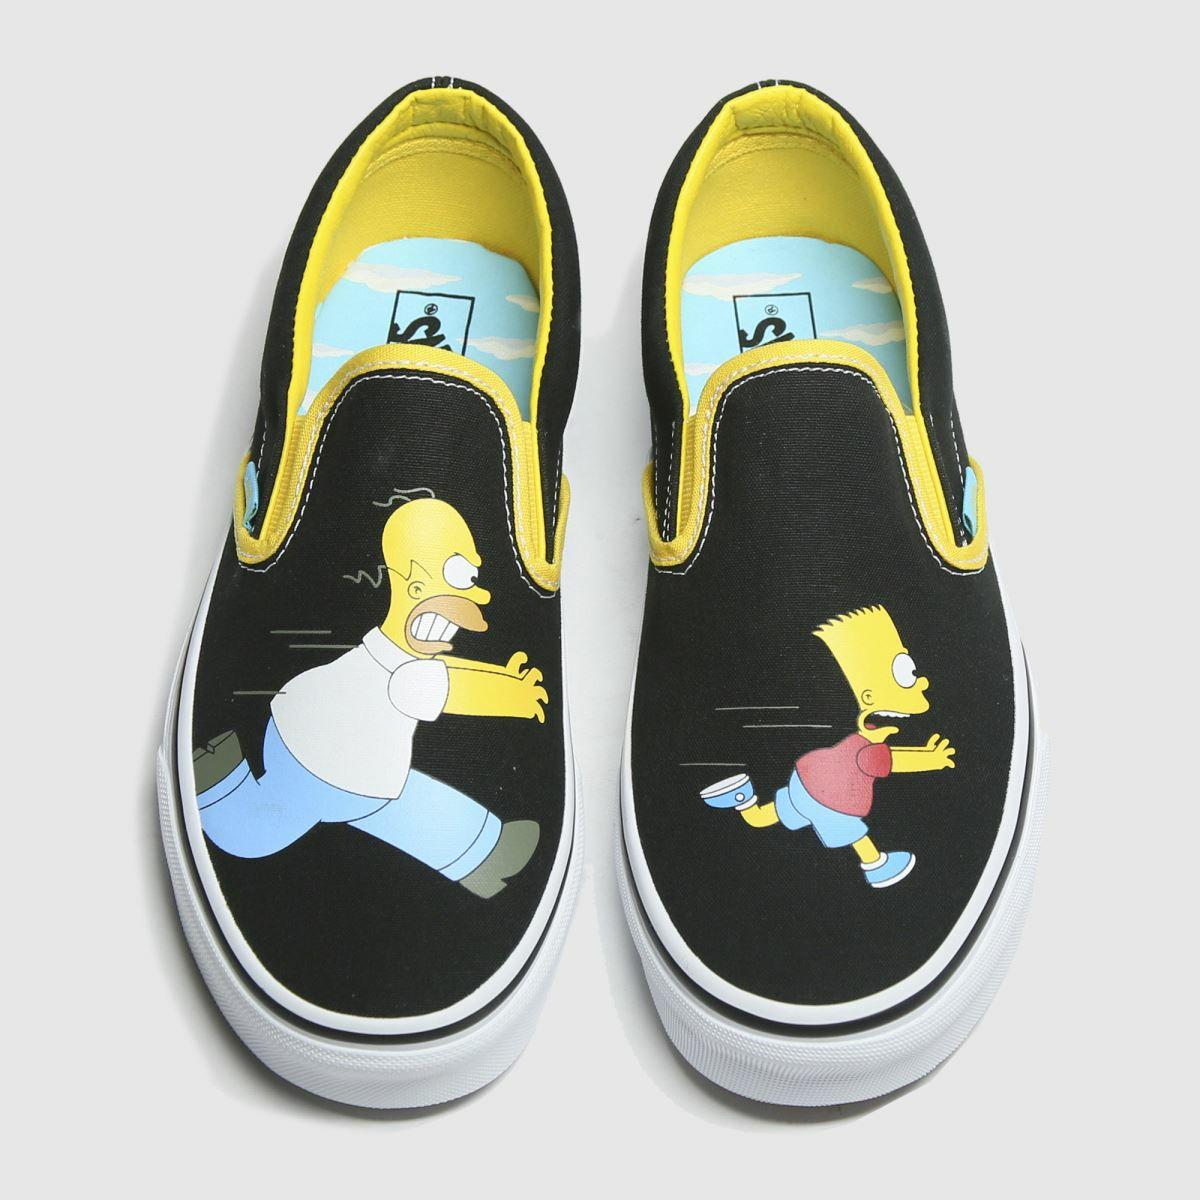 Simpsons x Van's slip on shoes £36.99 @ Schuh